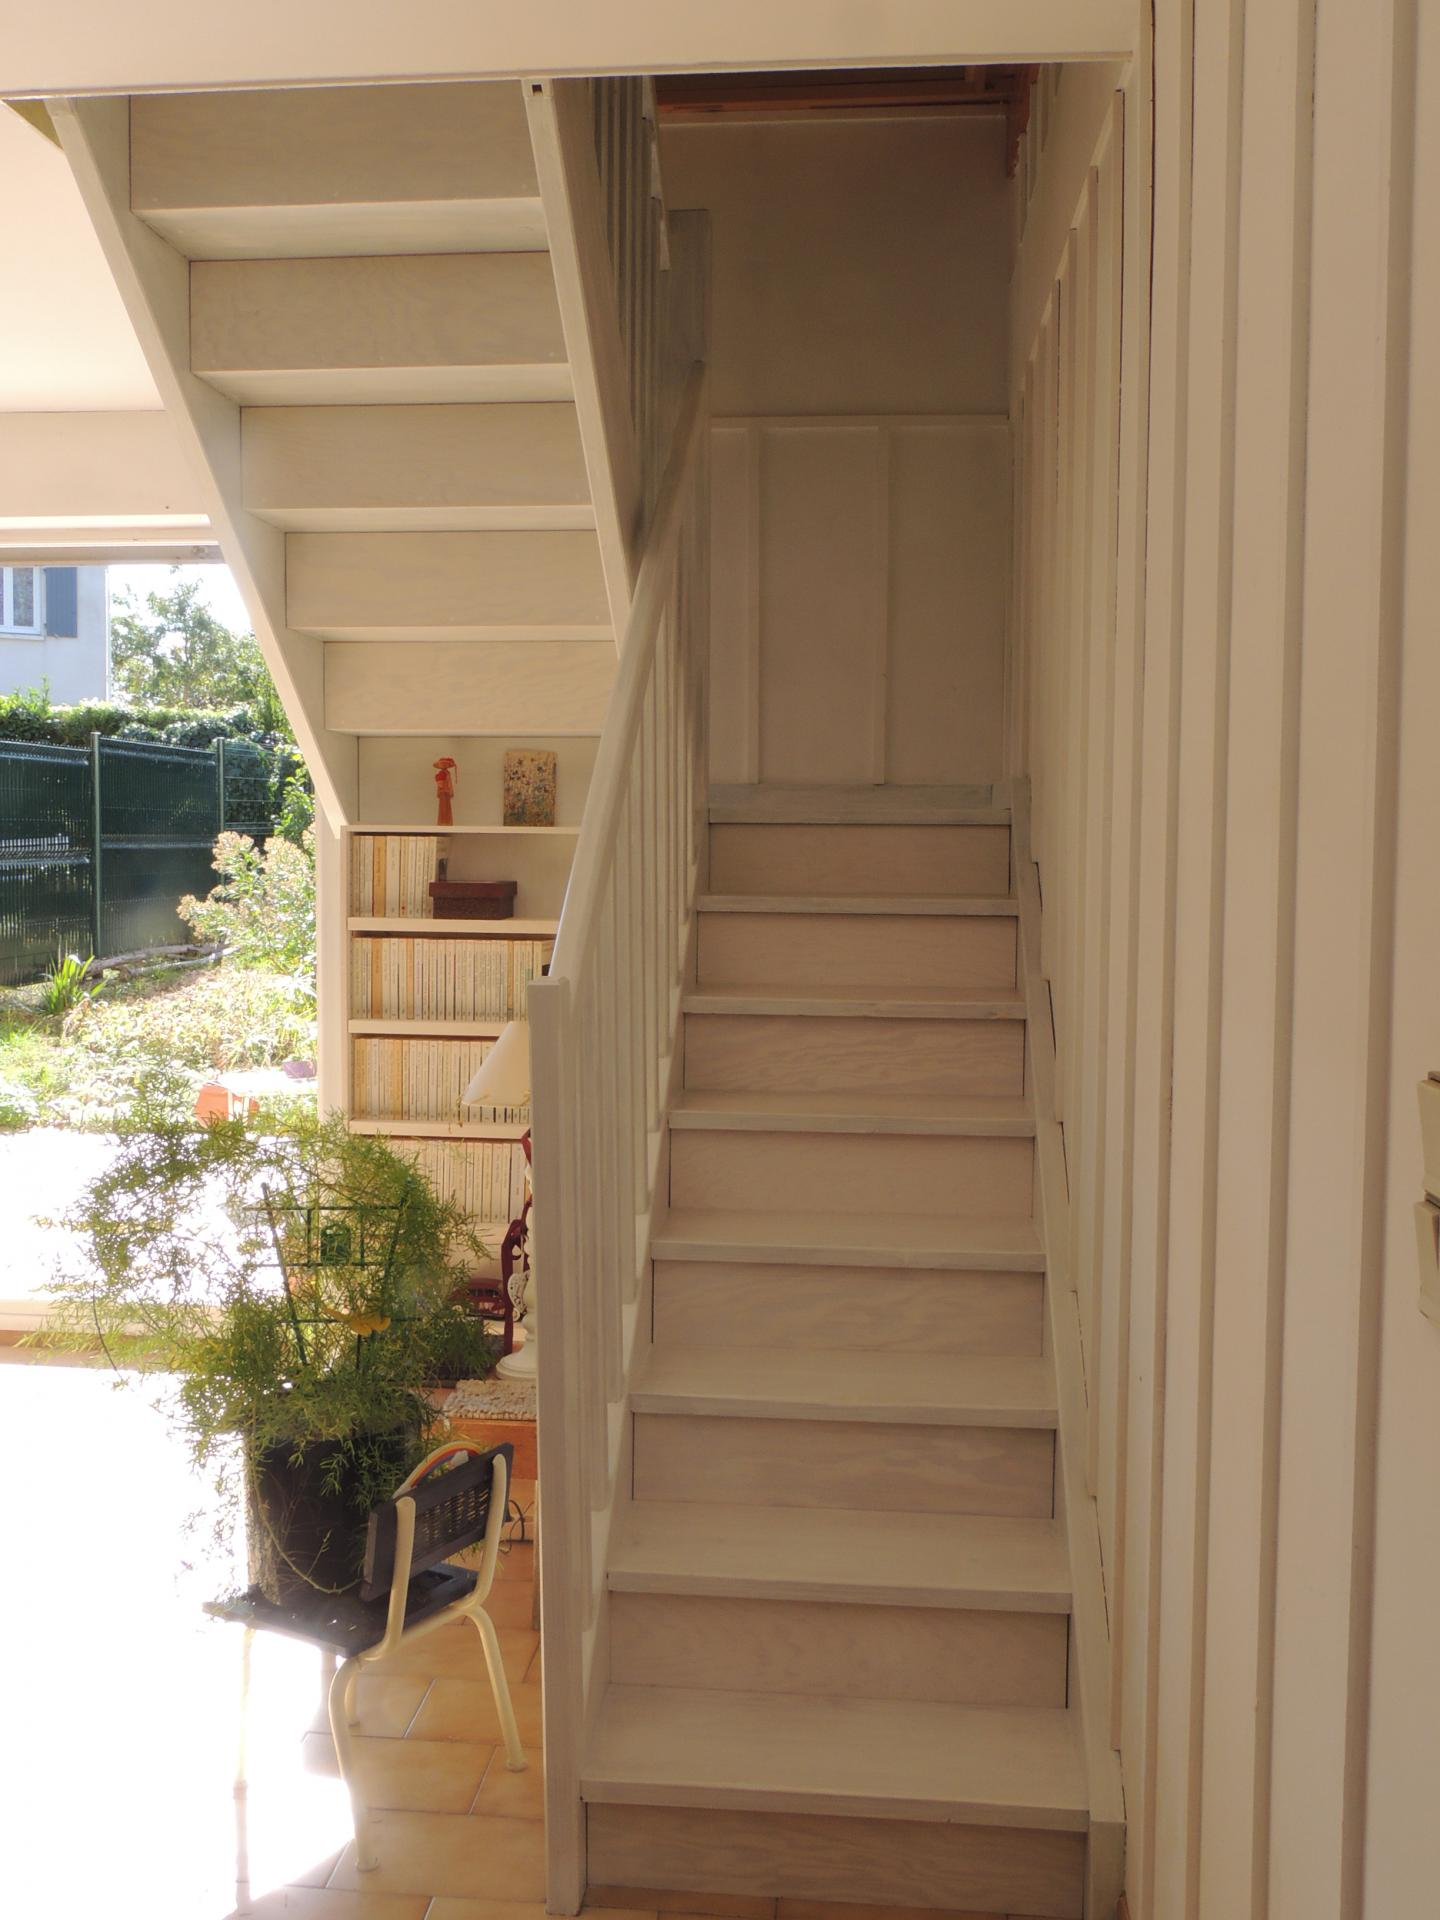 Escalier aménagé - www.ateliercannelle.com - Atelier Cannelle